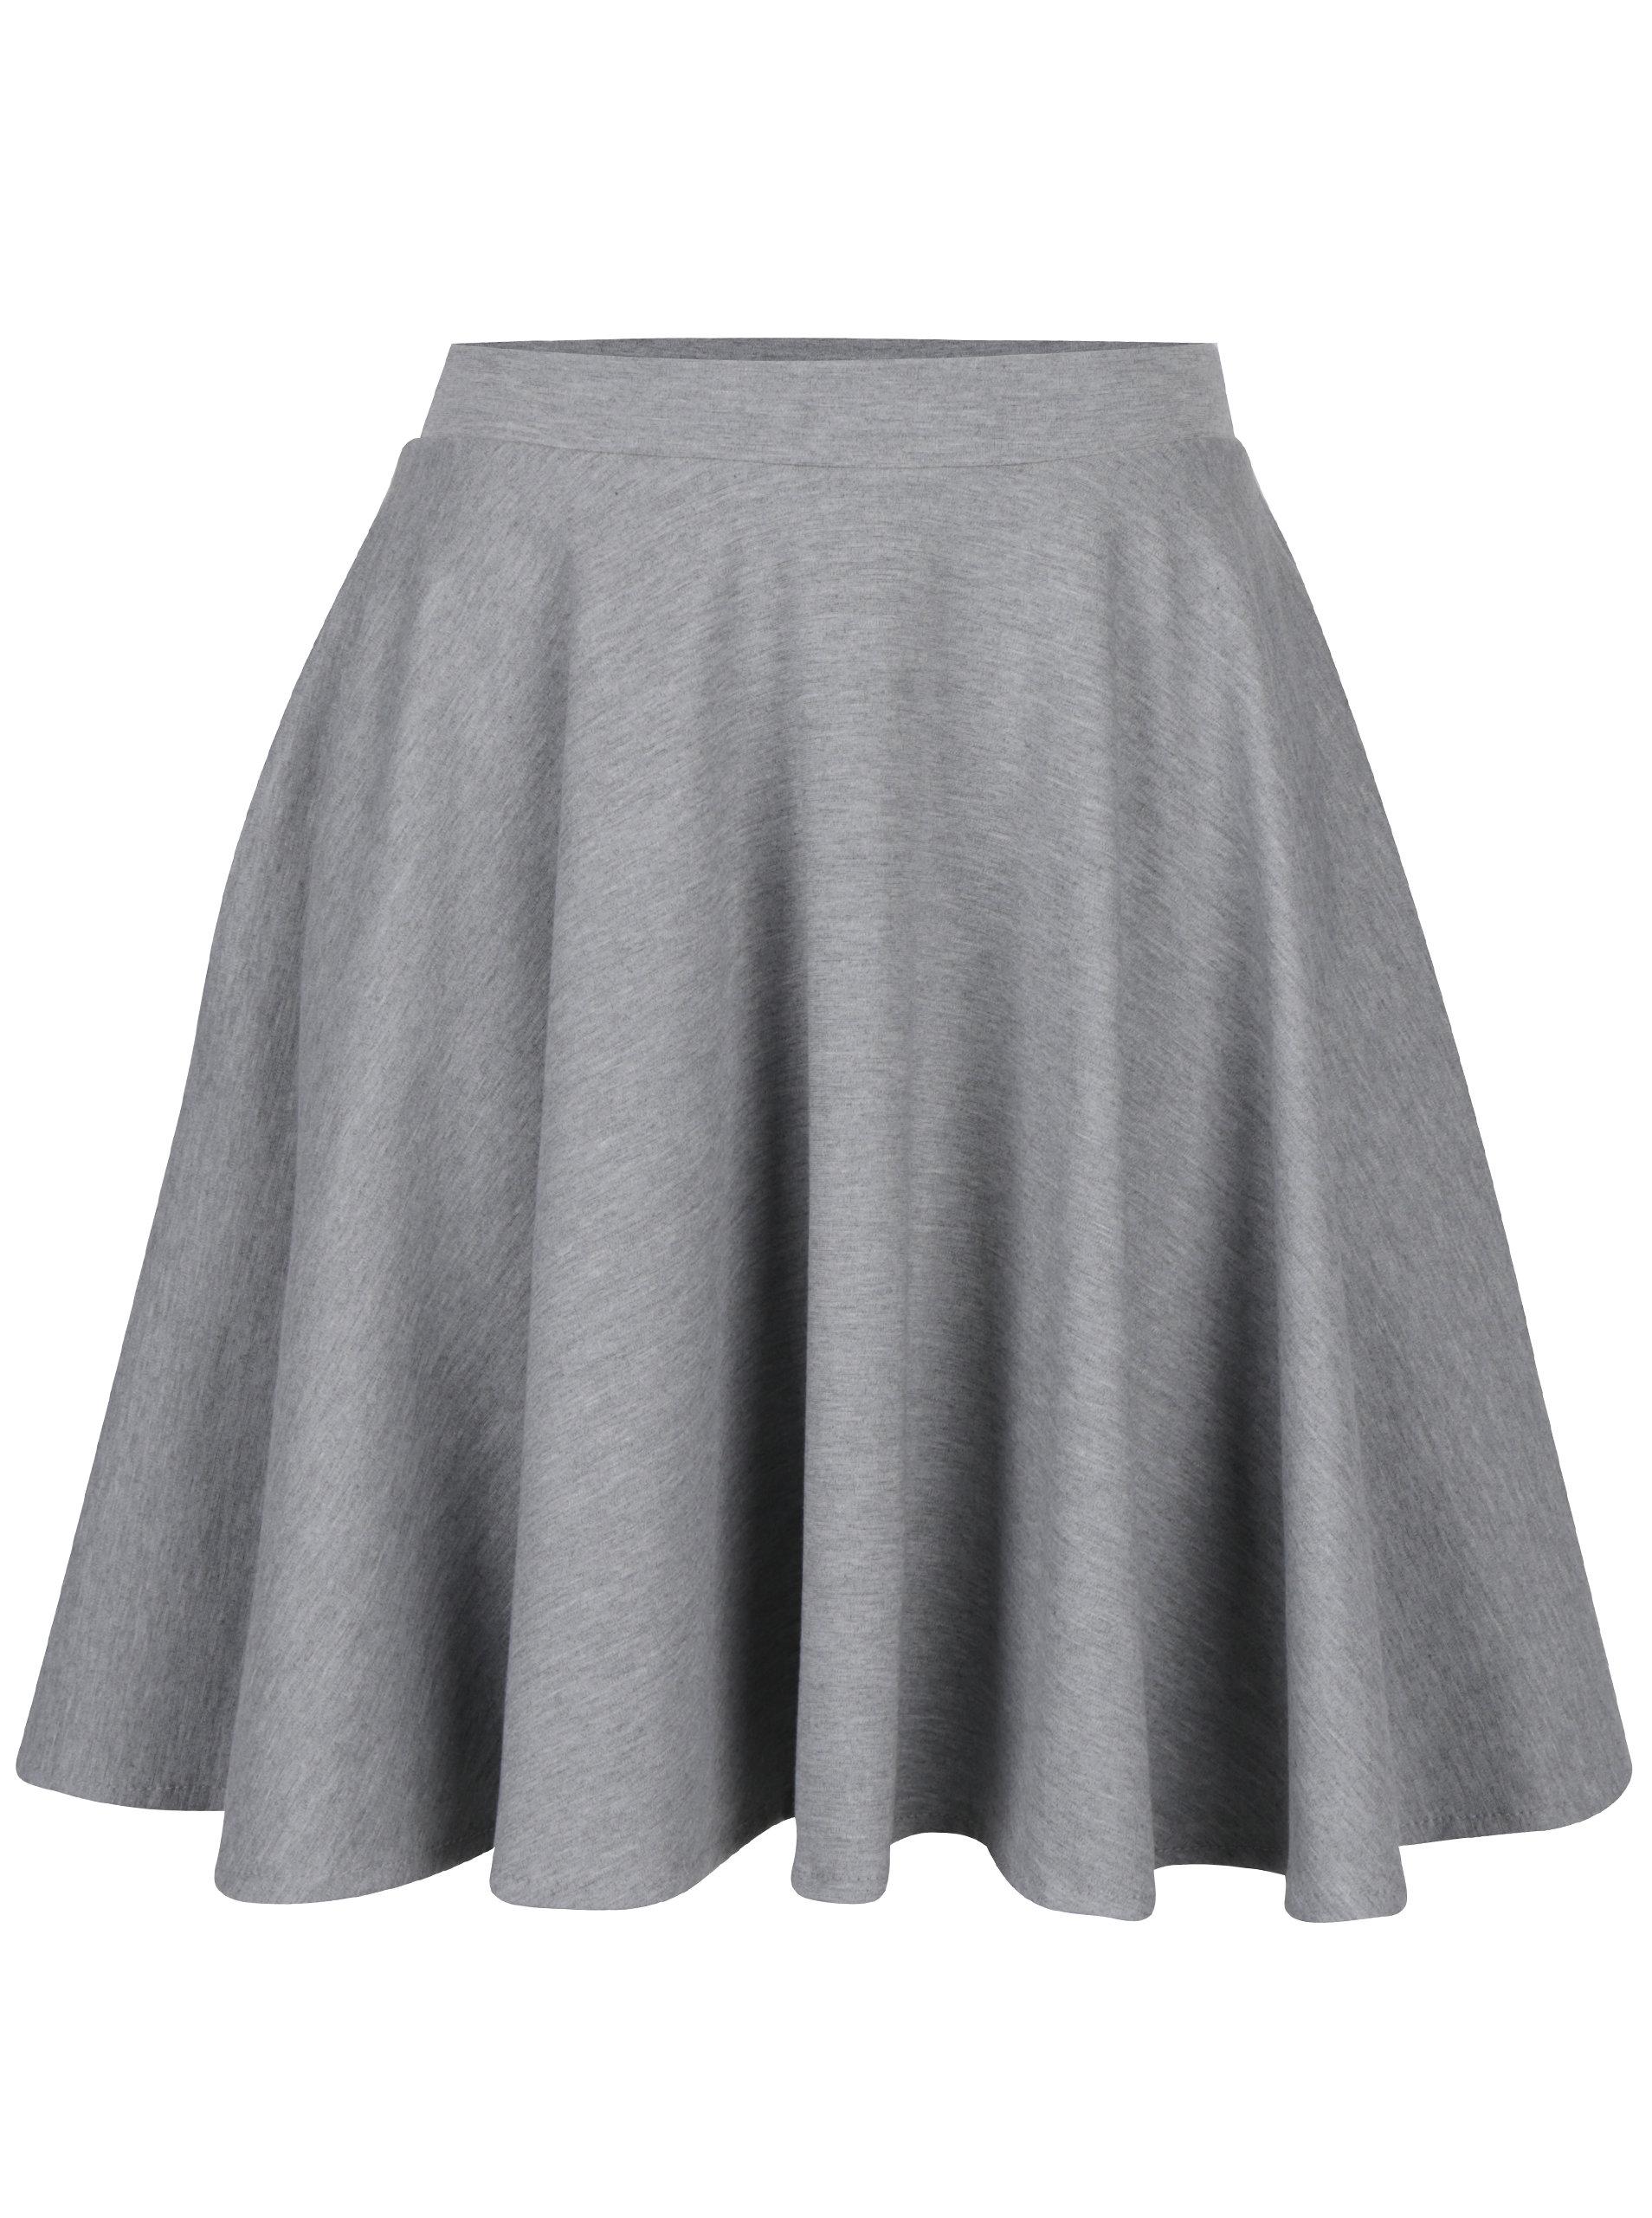 Šedá kolová sukně s kapsami ZOOT ... 9e2487a81b